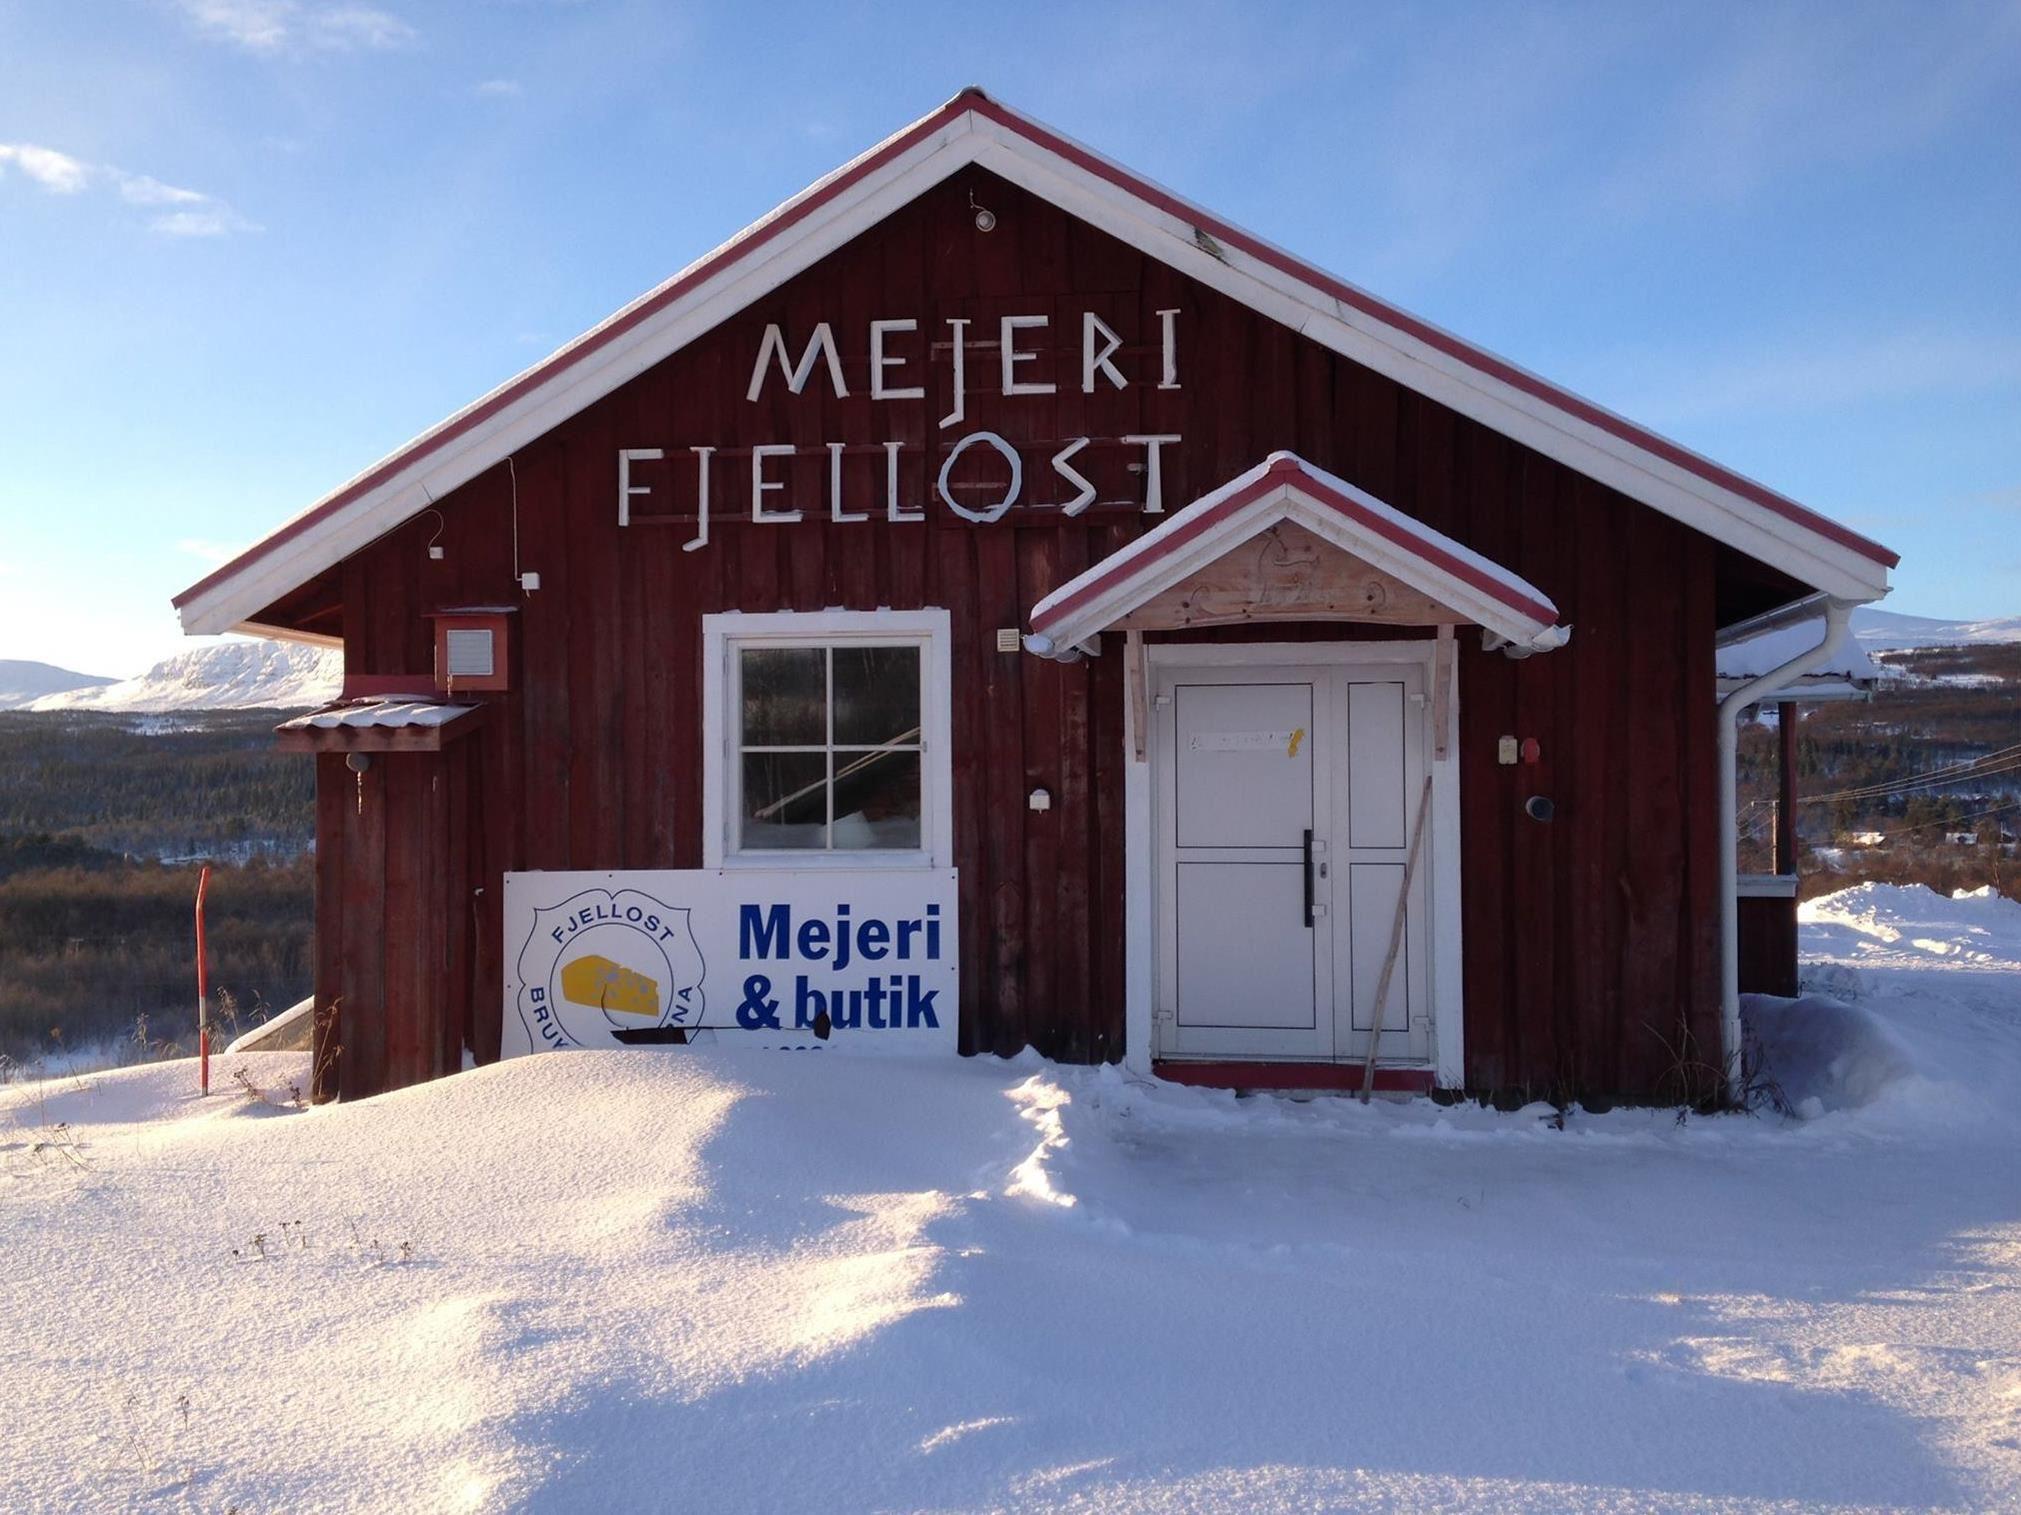 Fjellost Dairy